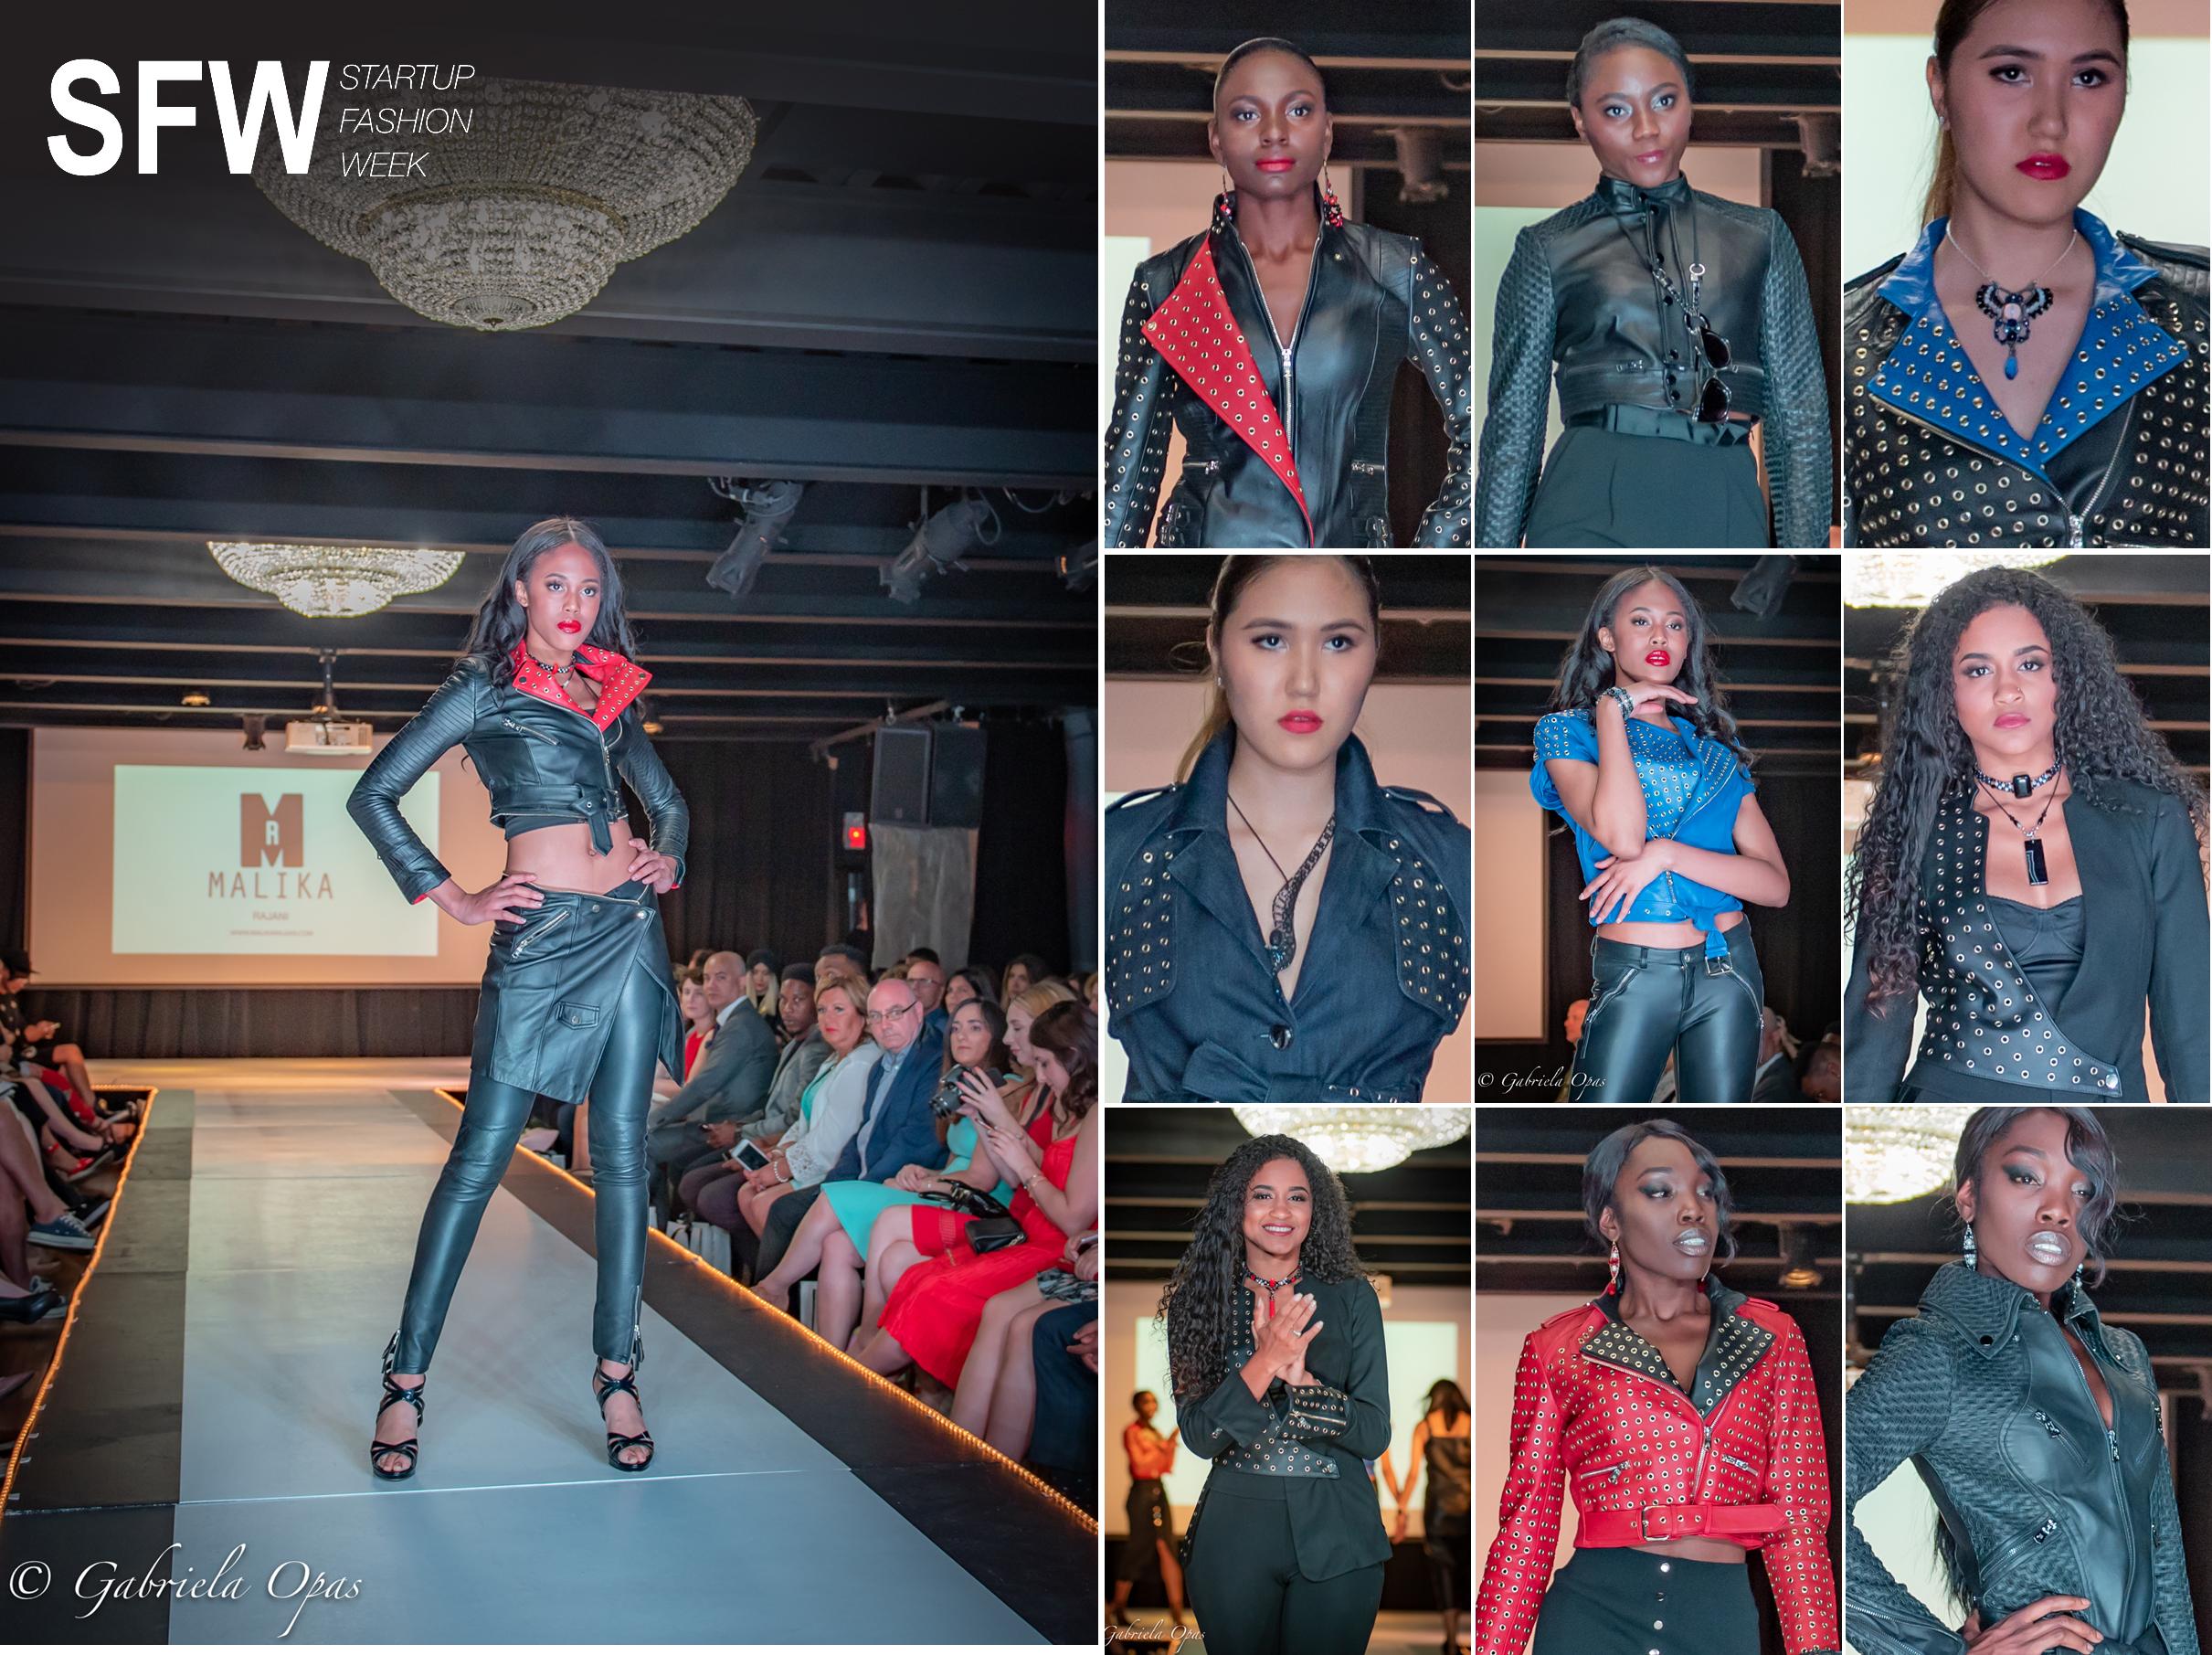 Startup Fashion Week Montreal